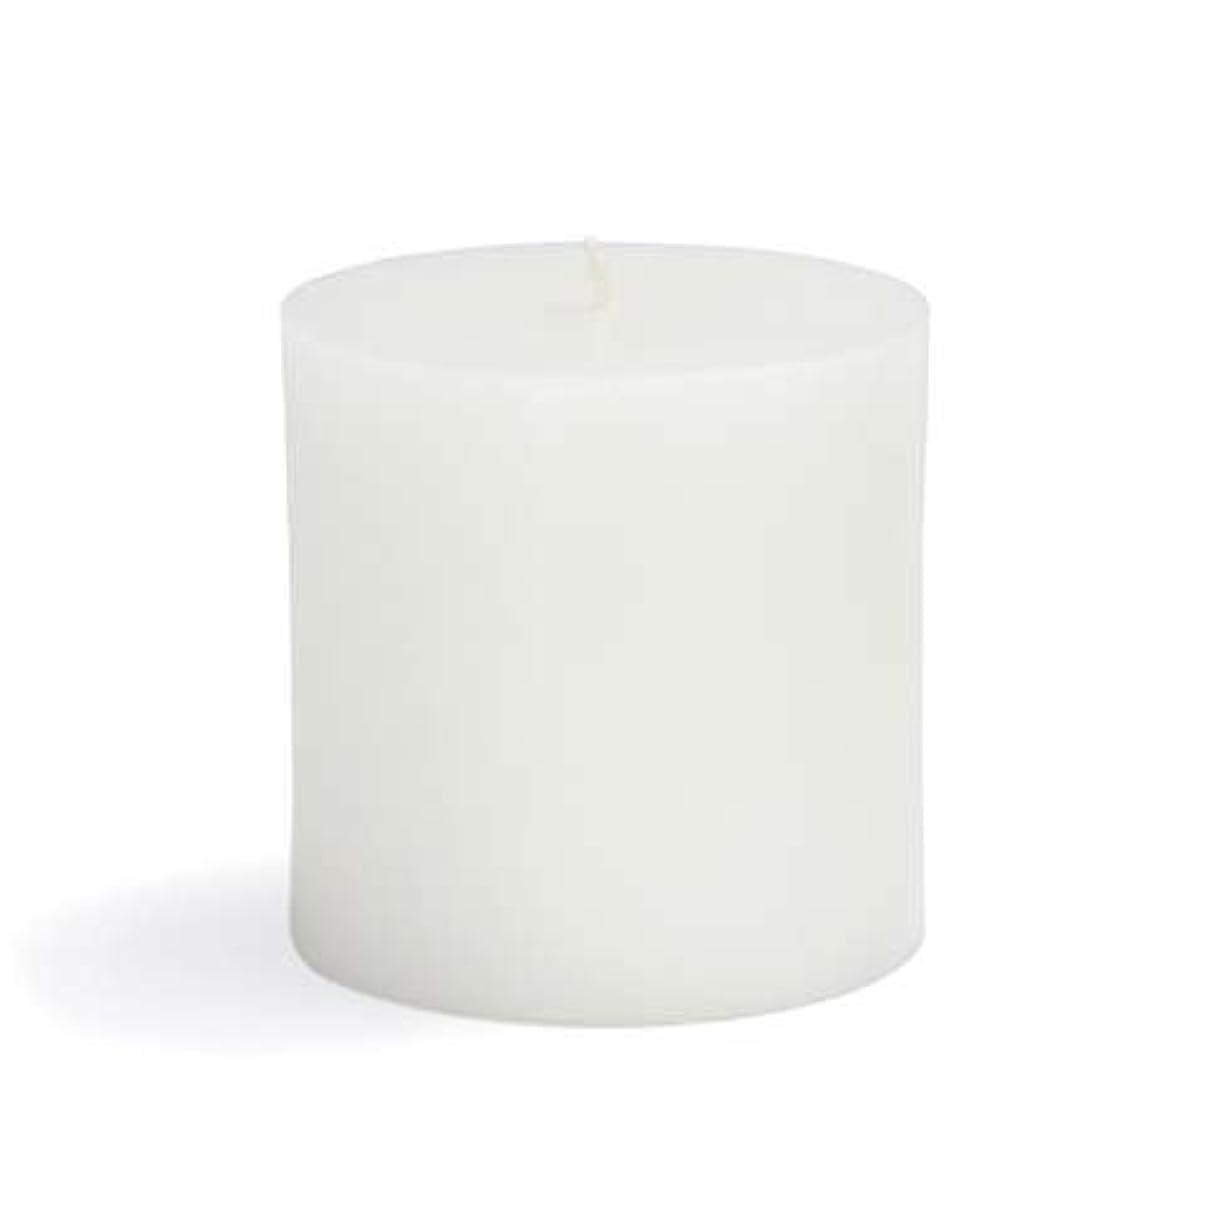 ティーンエイジャー習熟度落ち込んでいるZest Candle CPZ-071-12 3 x 3 in. White Pillar Candles -12pcs-Case- Bulk